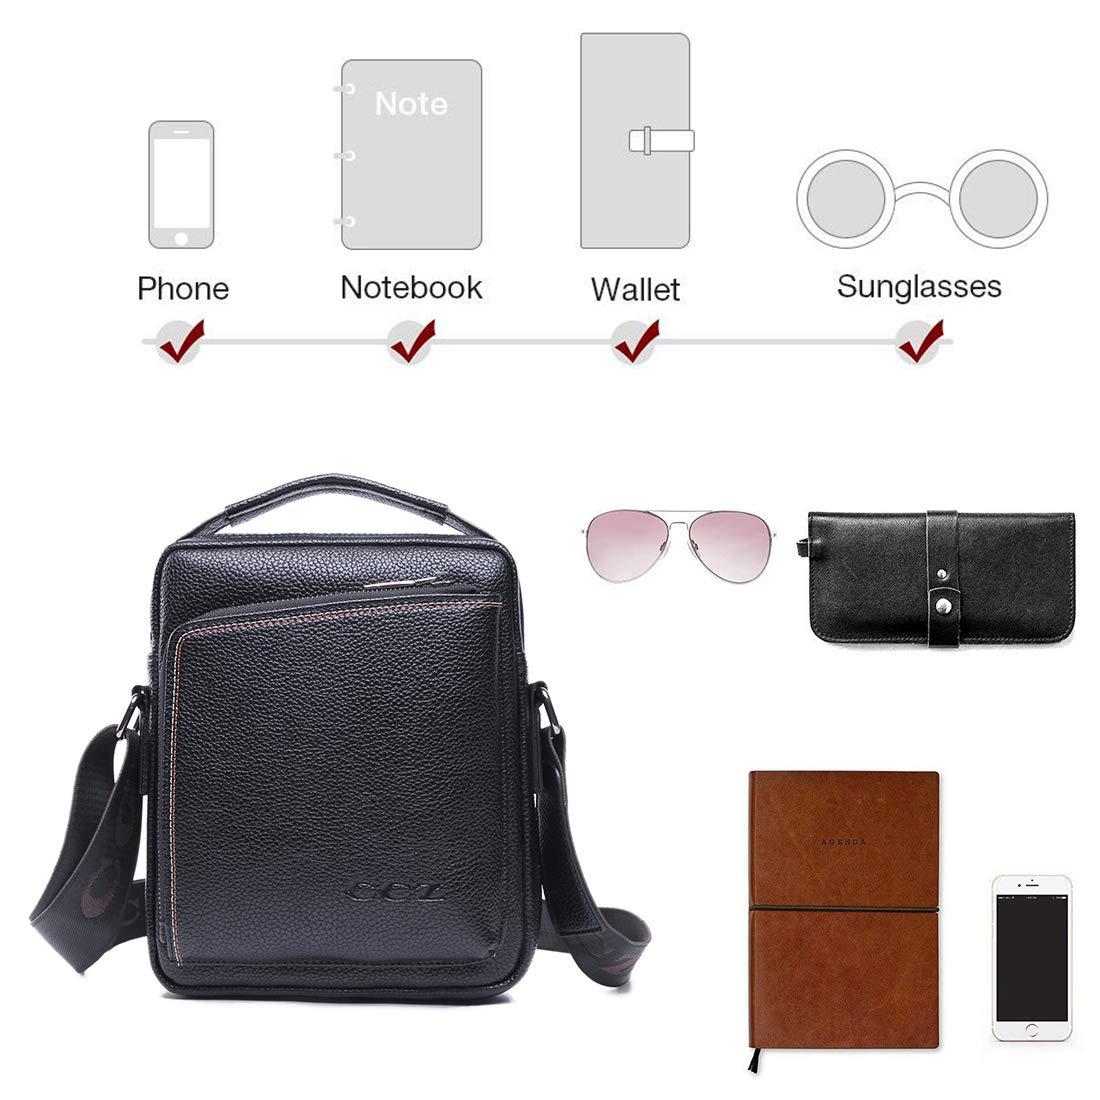 Black CCZ Premium PU Leather Shoulder Bag Business Crossbody Bag Messenger Bag with Top Handle /& Adjustable Strap